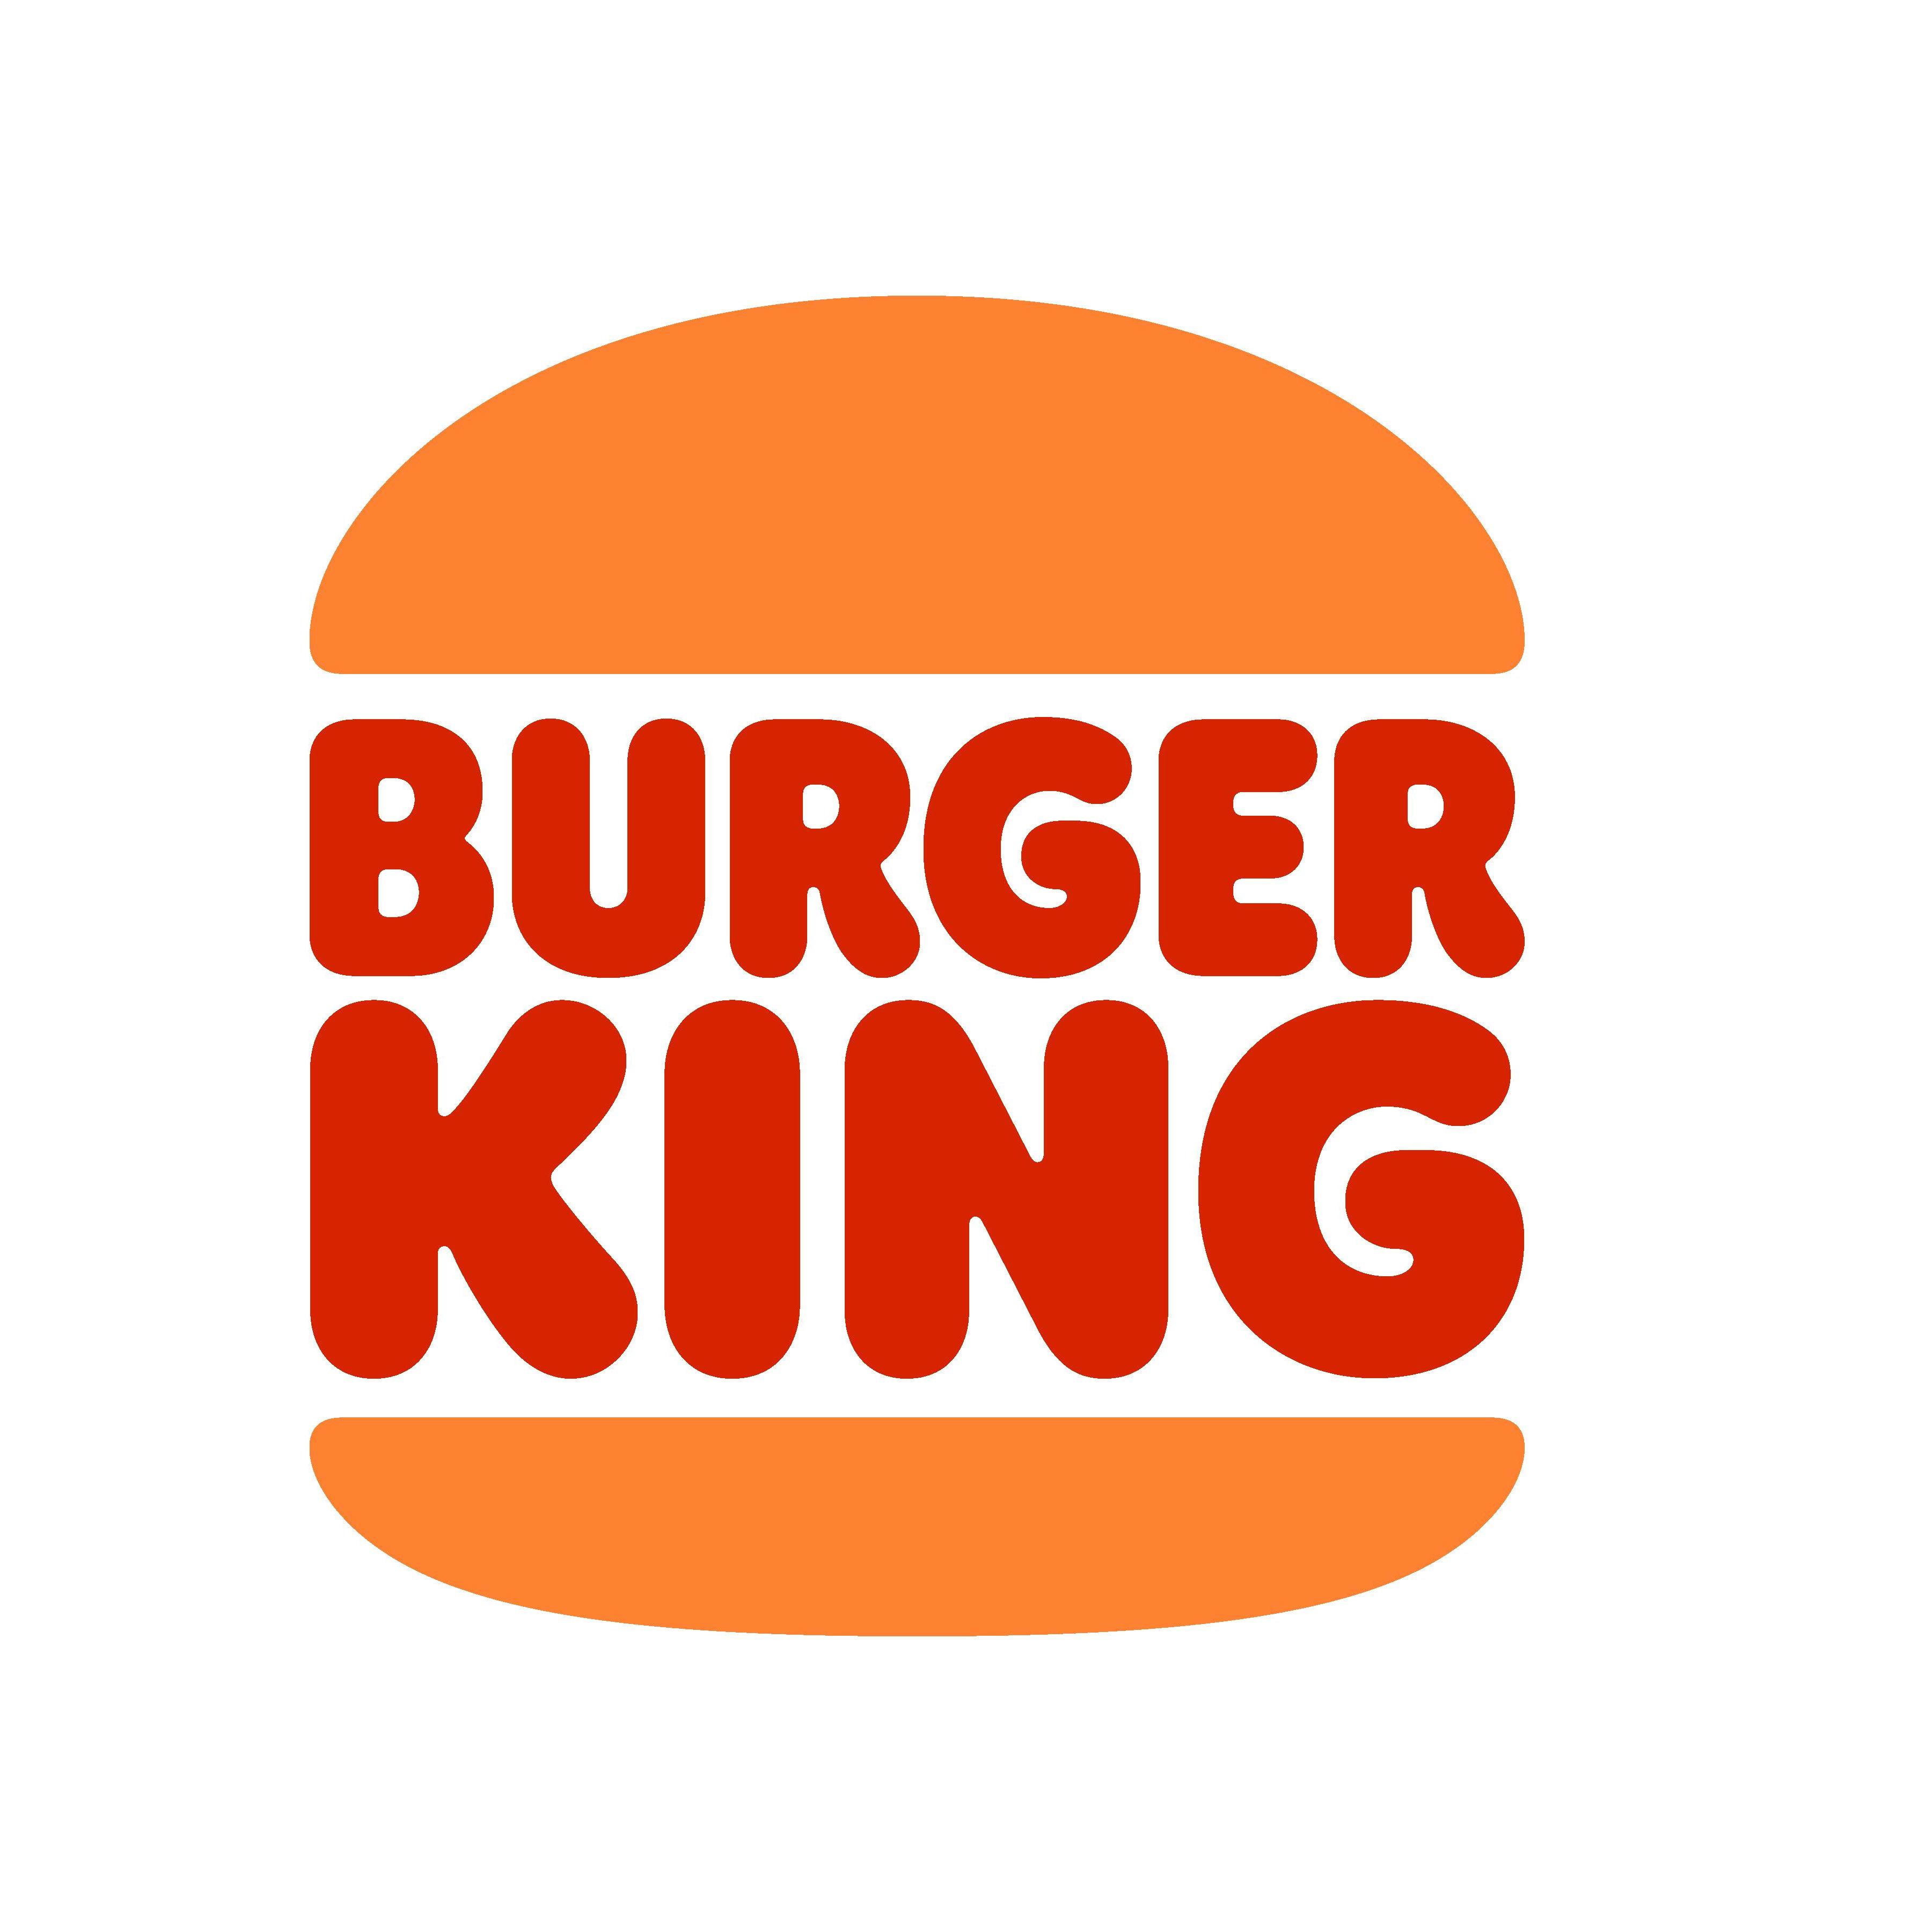 ברגר קינג logo